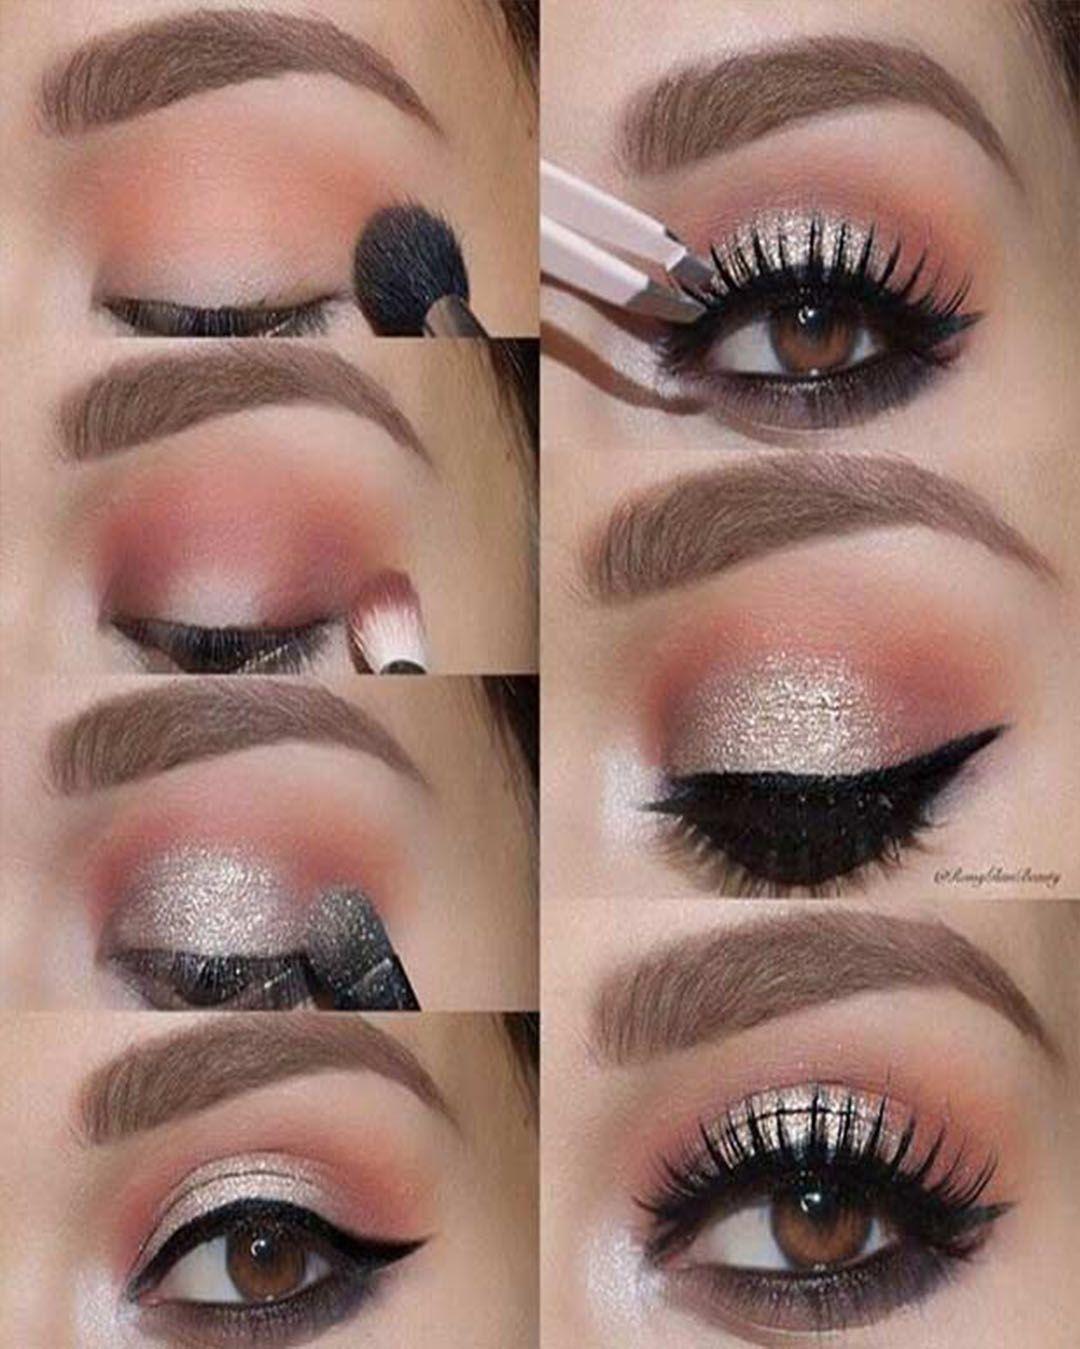 Maquillaje De Ojos De Noche Paso A Paso Originales Y Elegantes Maquillaje De Ojos De Noche Maquillaje De Ojos Pasos De Maquillaje De Ojos